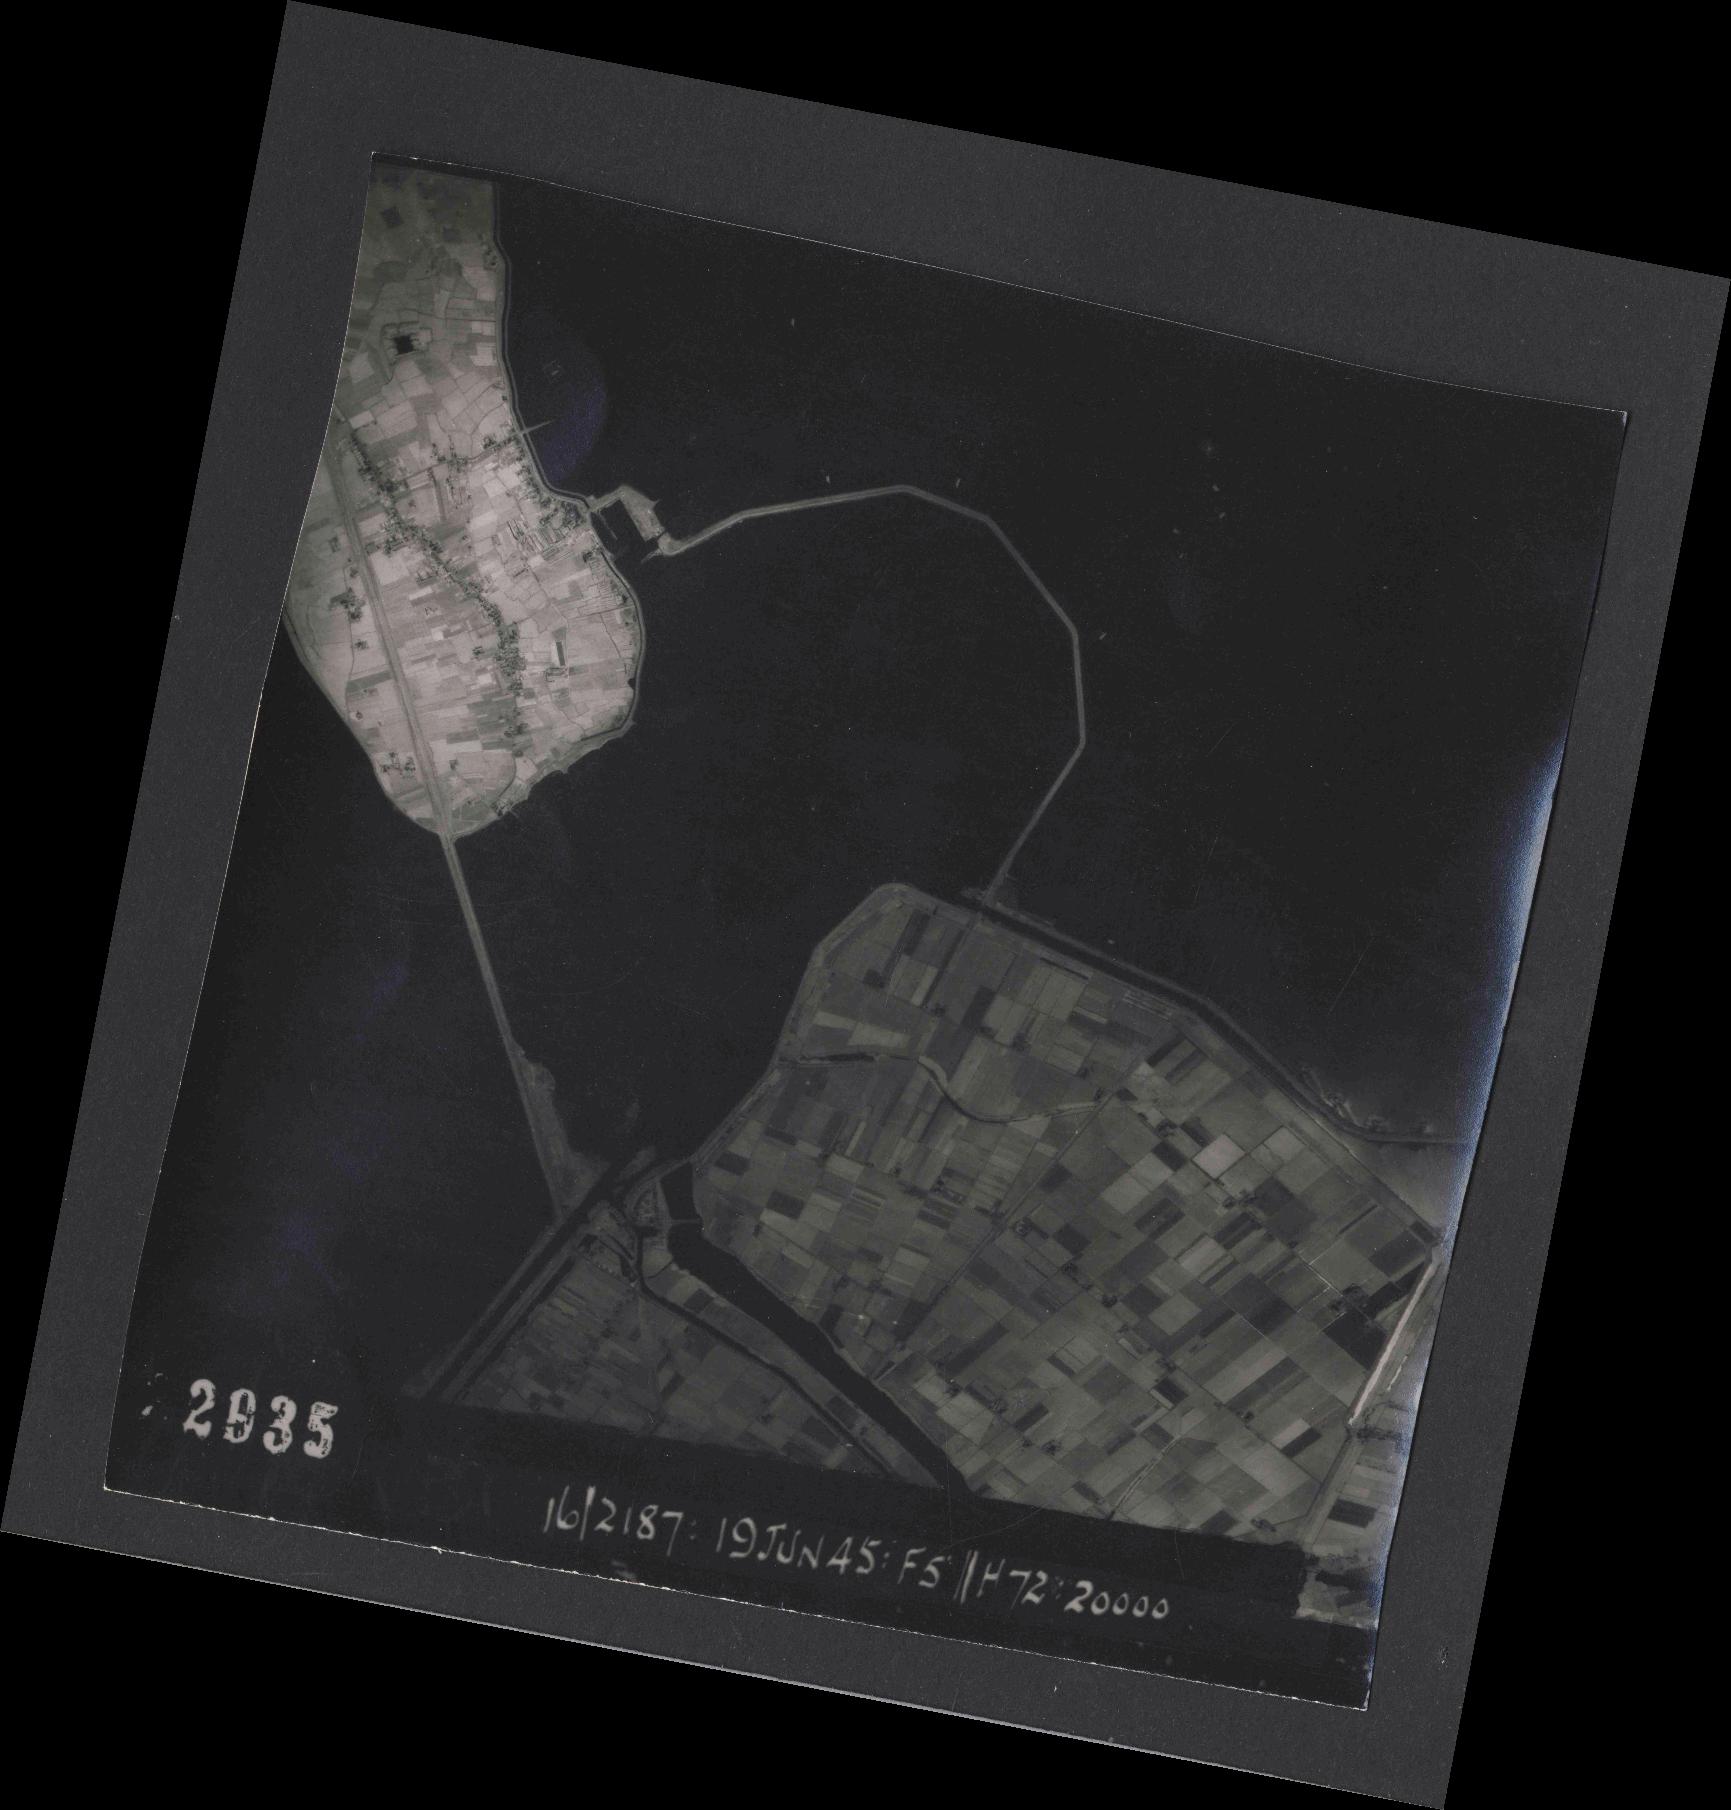 Collection RAF aerial photos 1940-1945 - flight 551, run 02, photo 2035